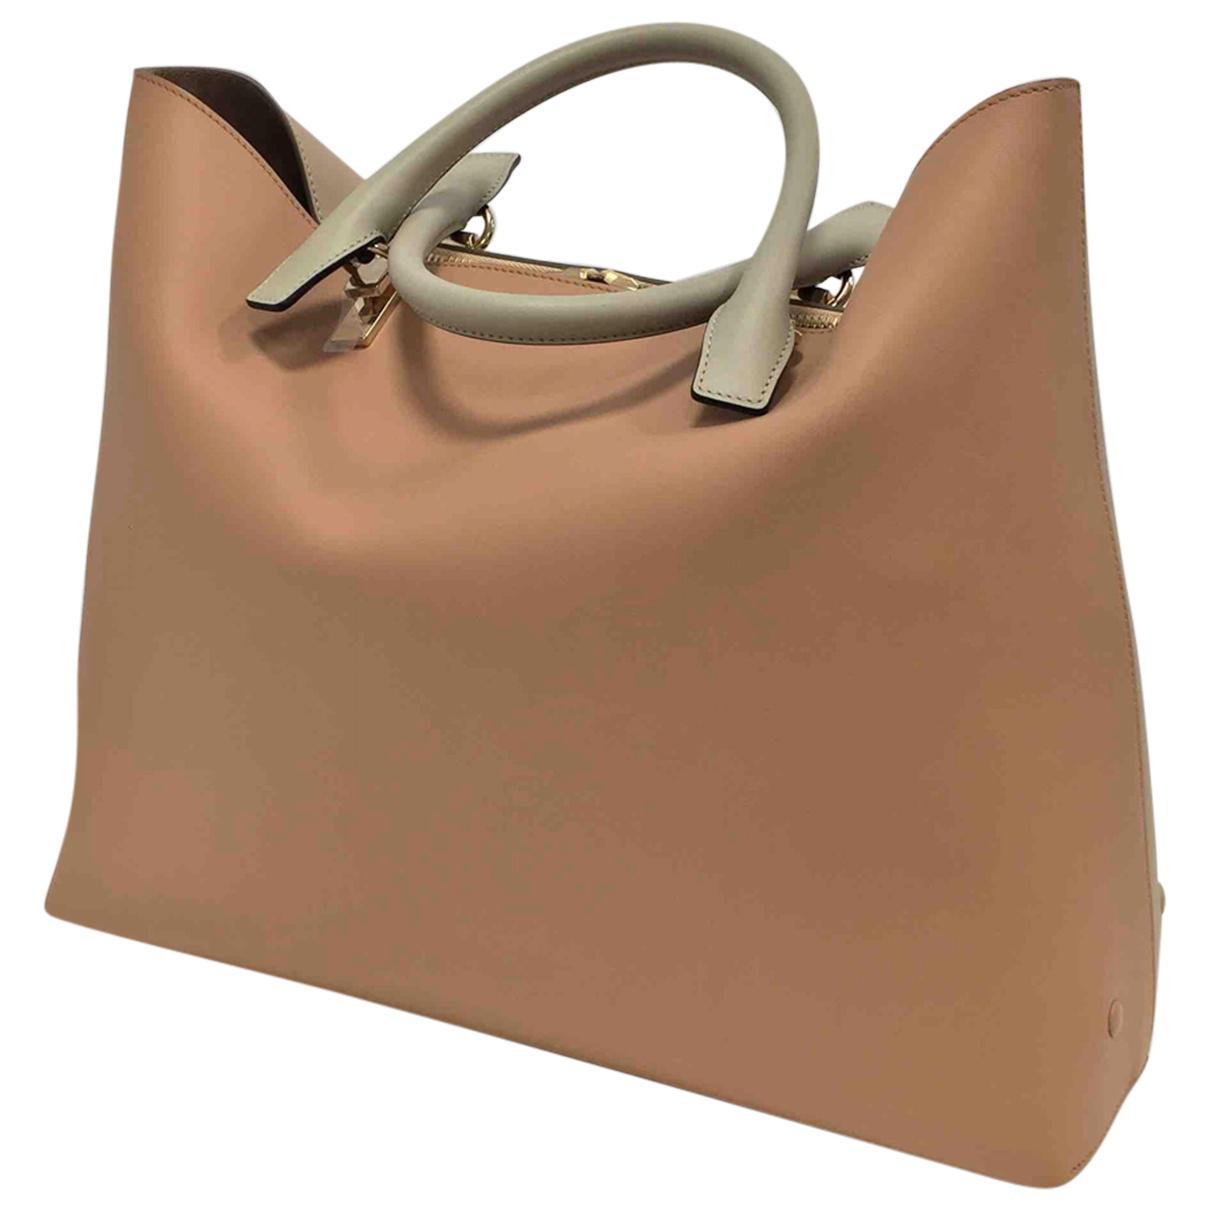 Pre-owned - Baylee leather handbag Chlo U1q57I